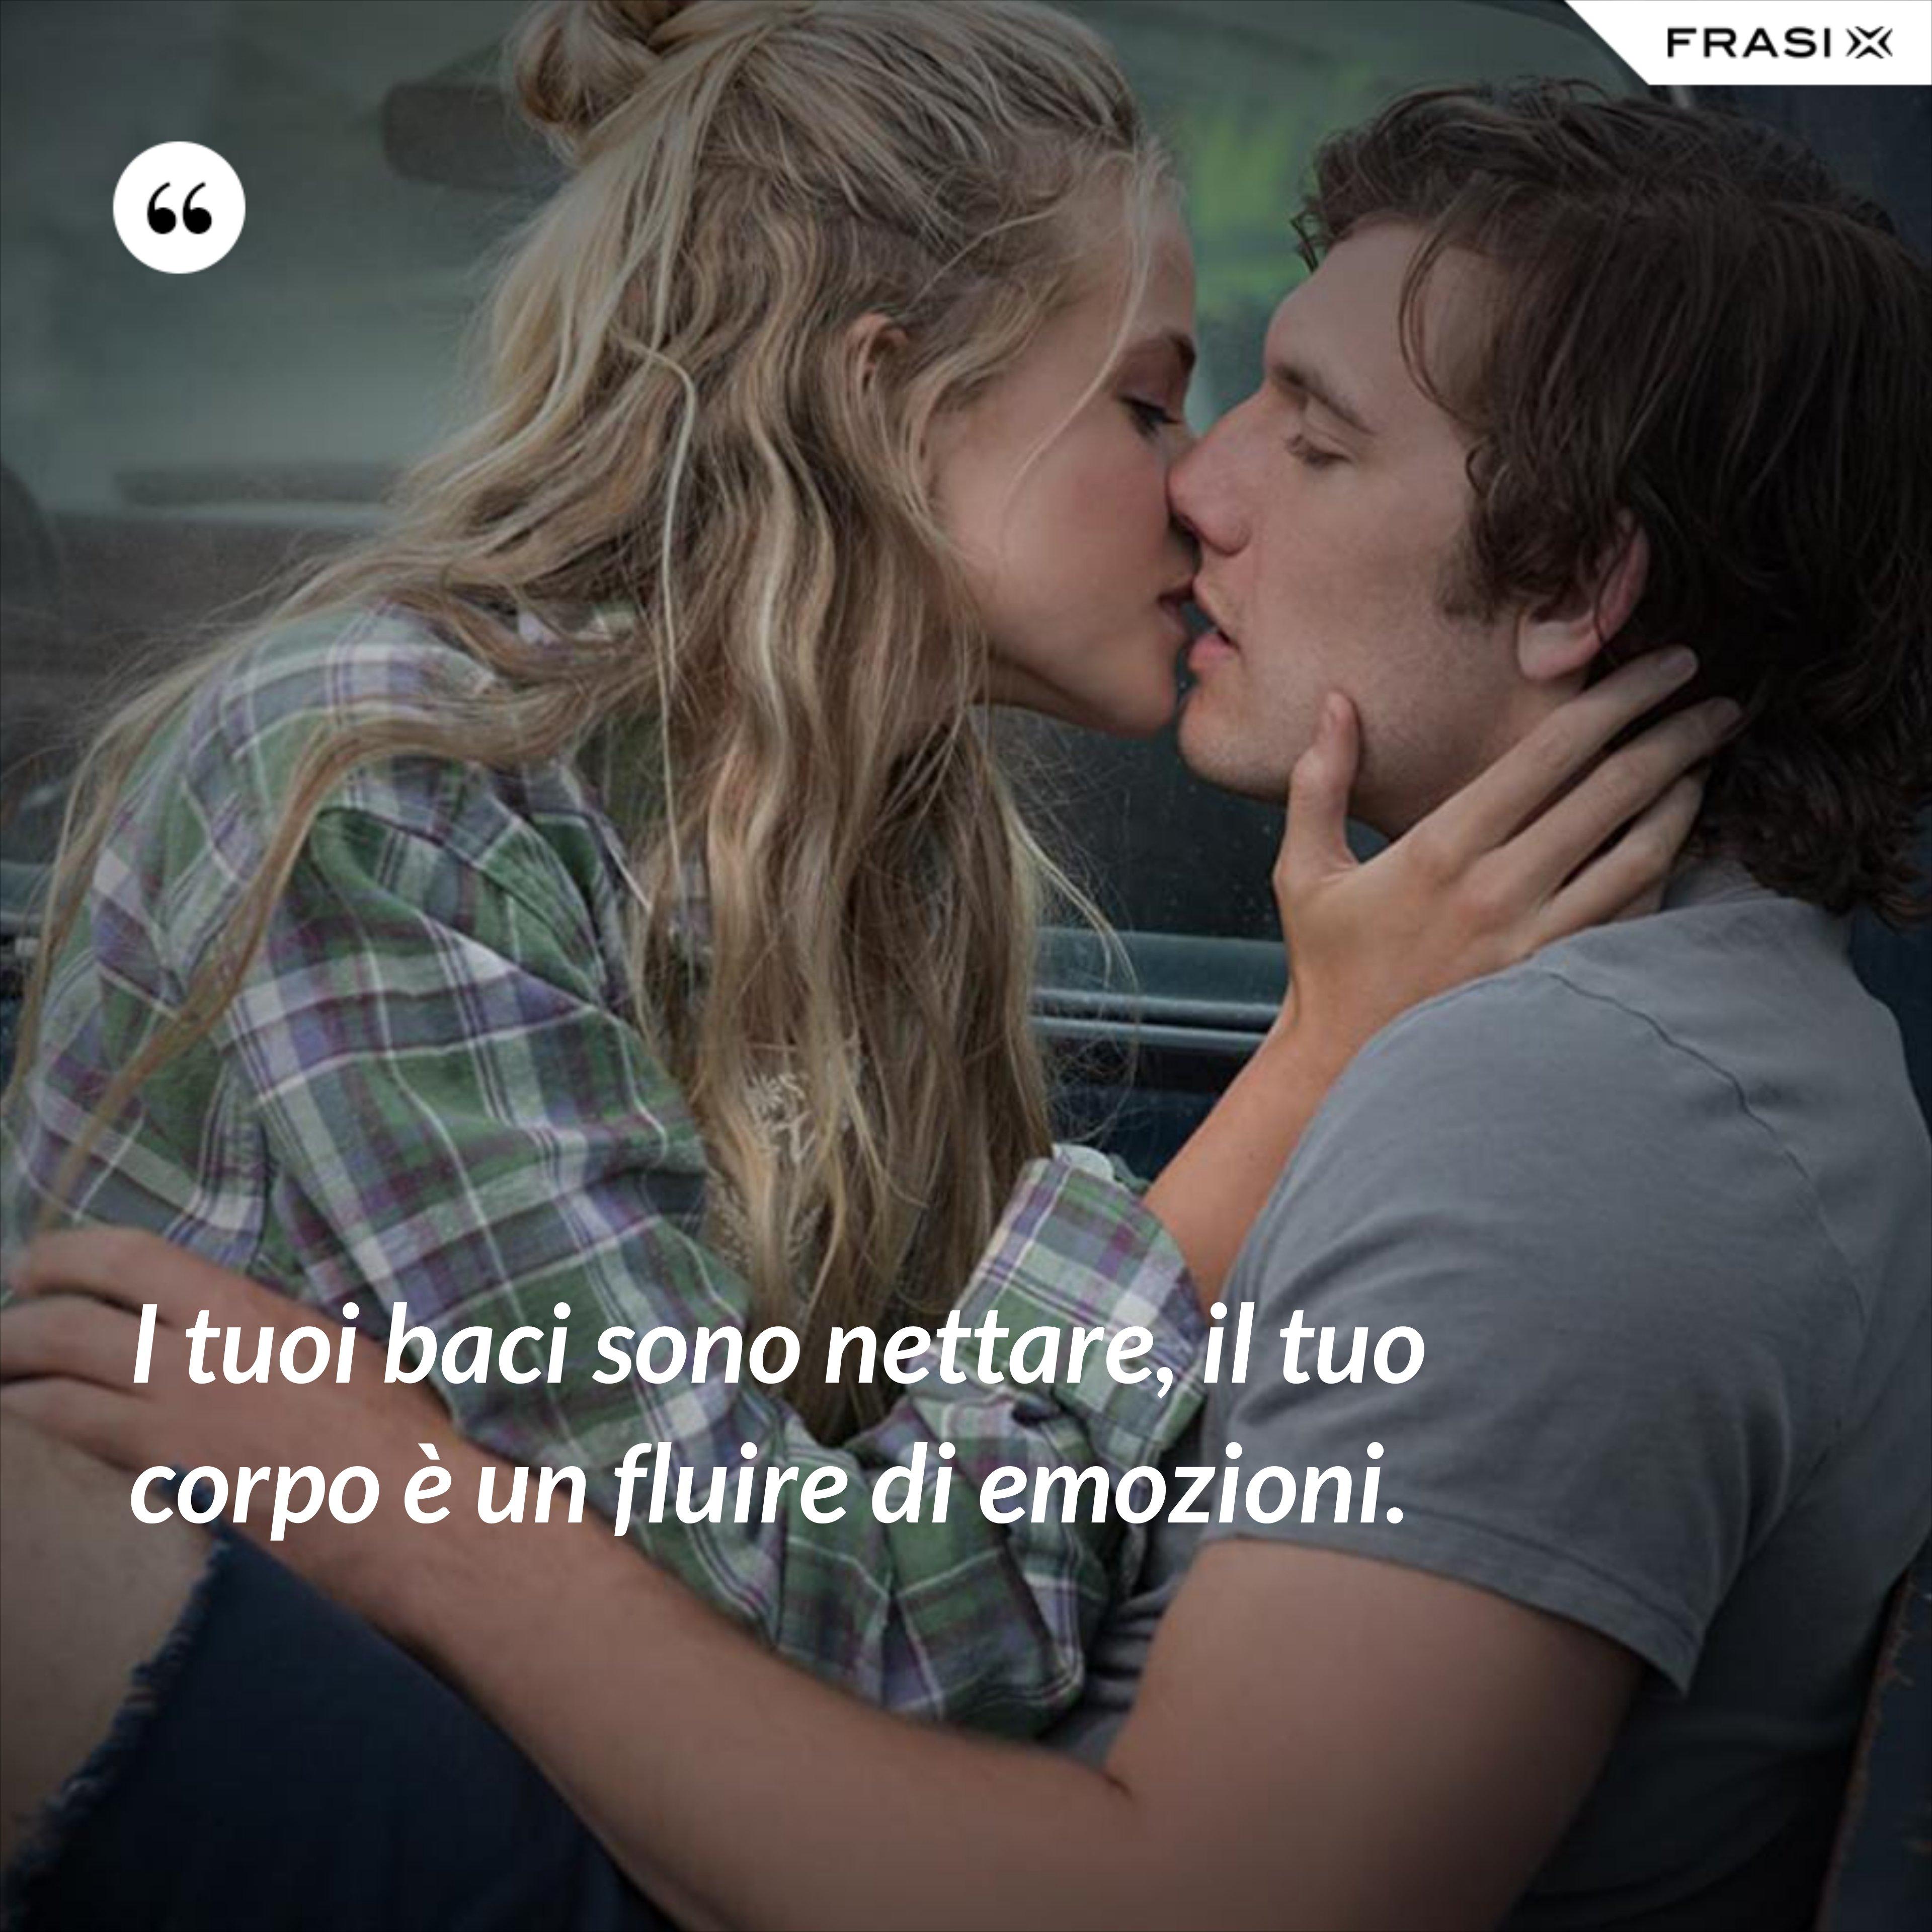 I tuoi baci sono nettare, il tuo corpo è un fluire di emozioni. - Anonimo